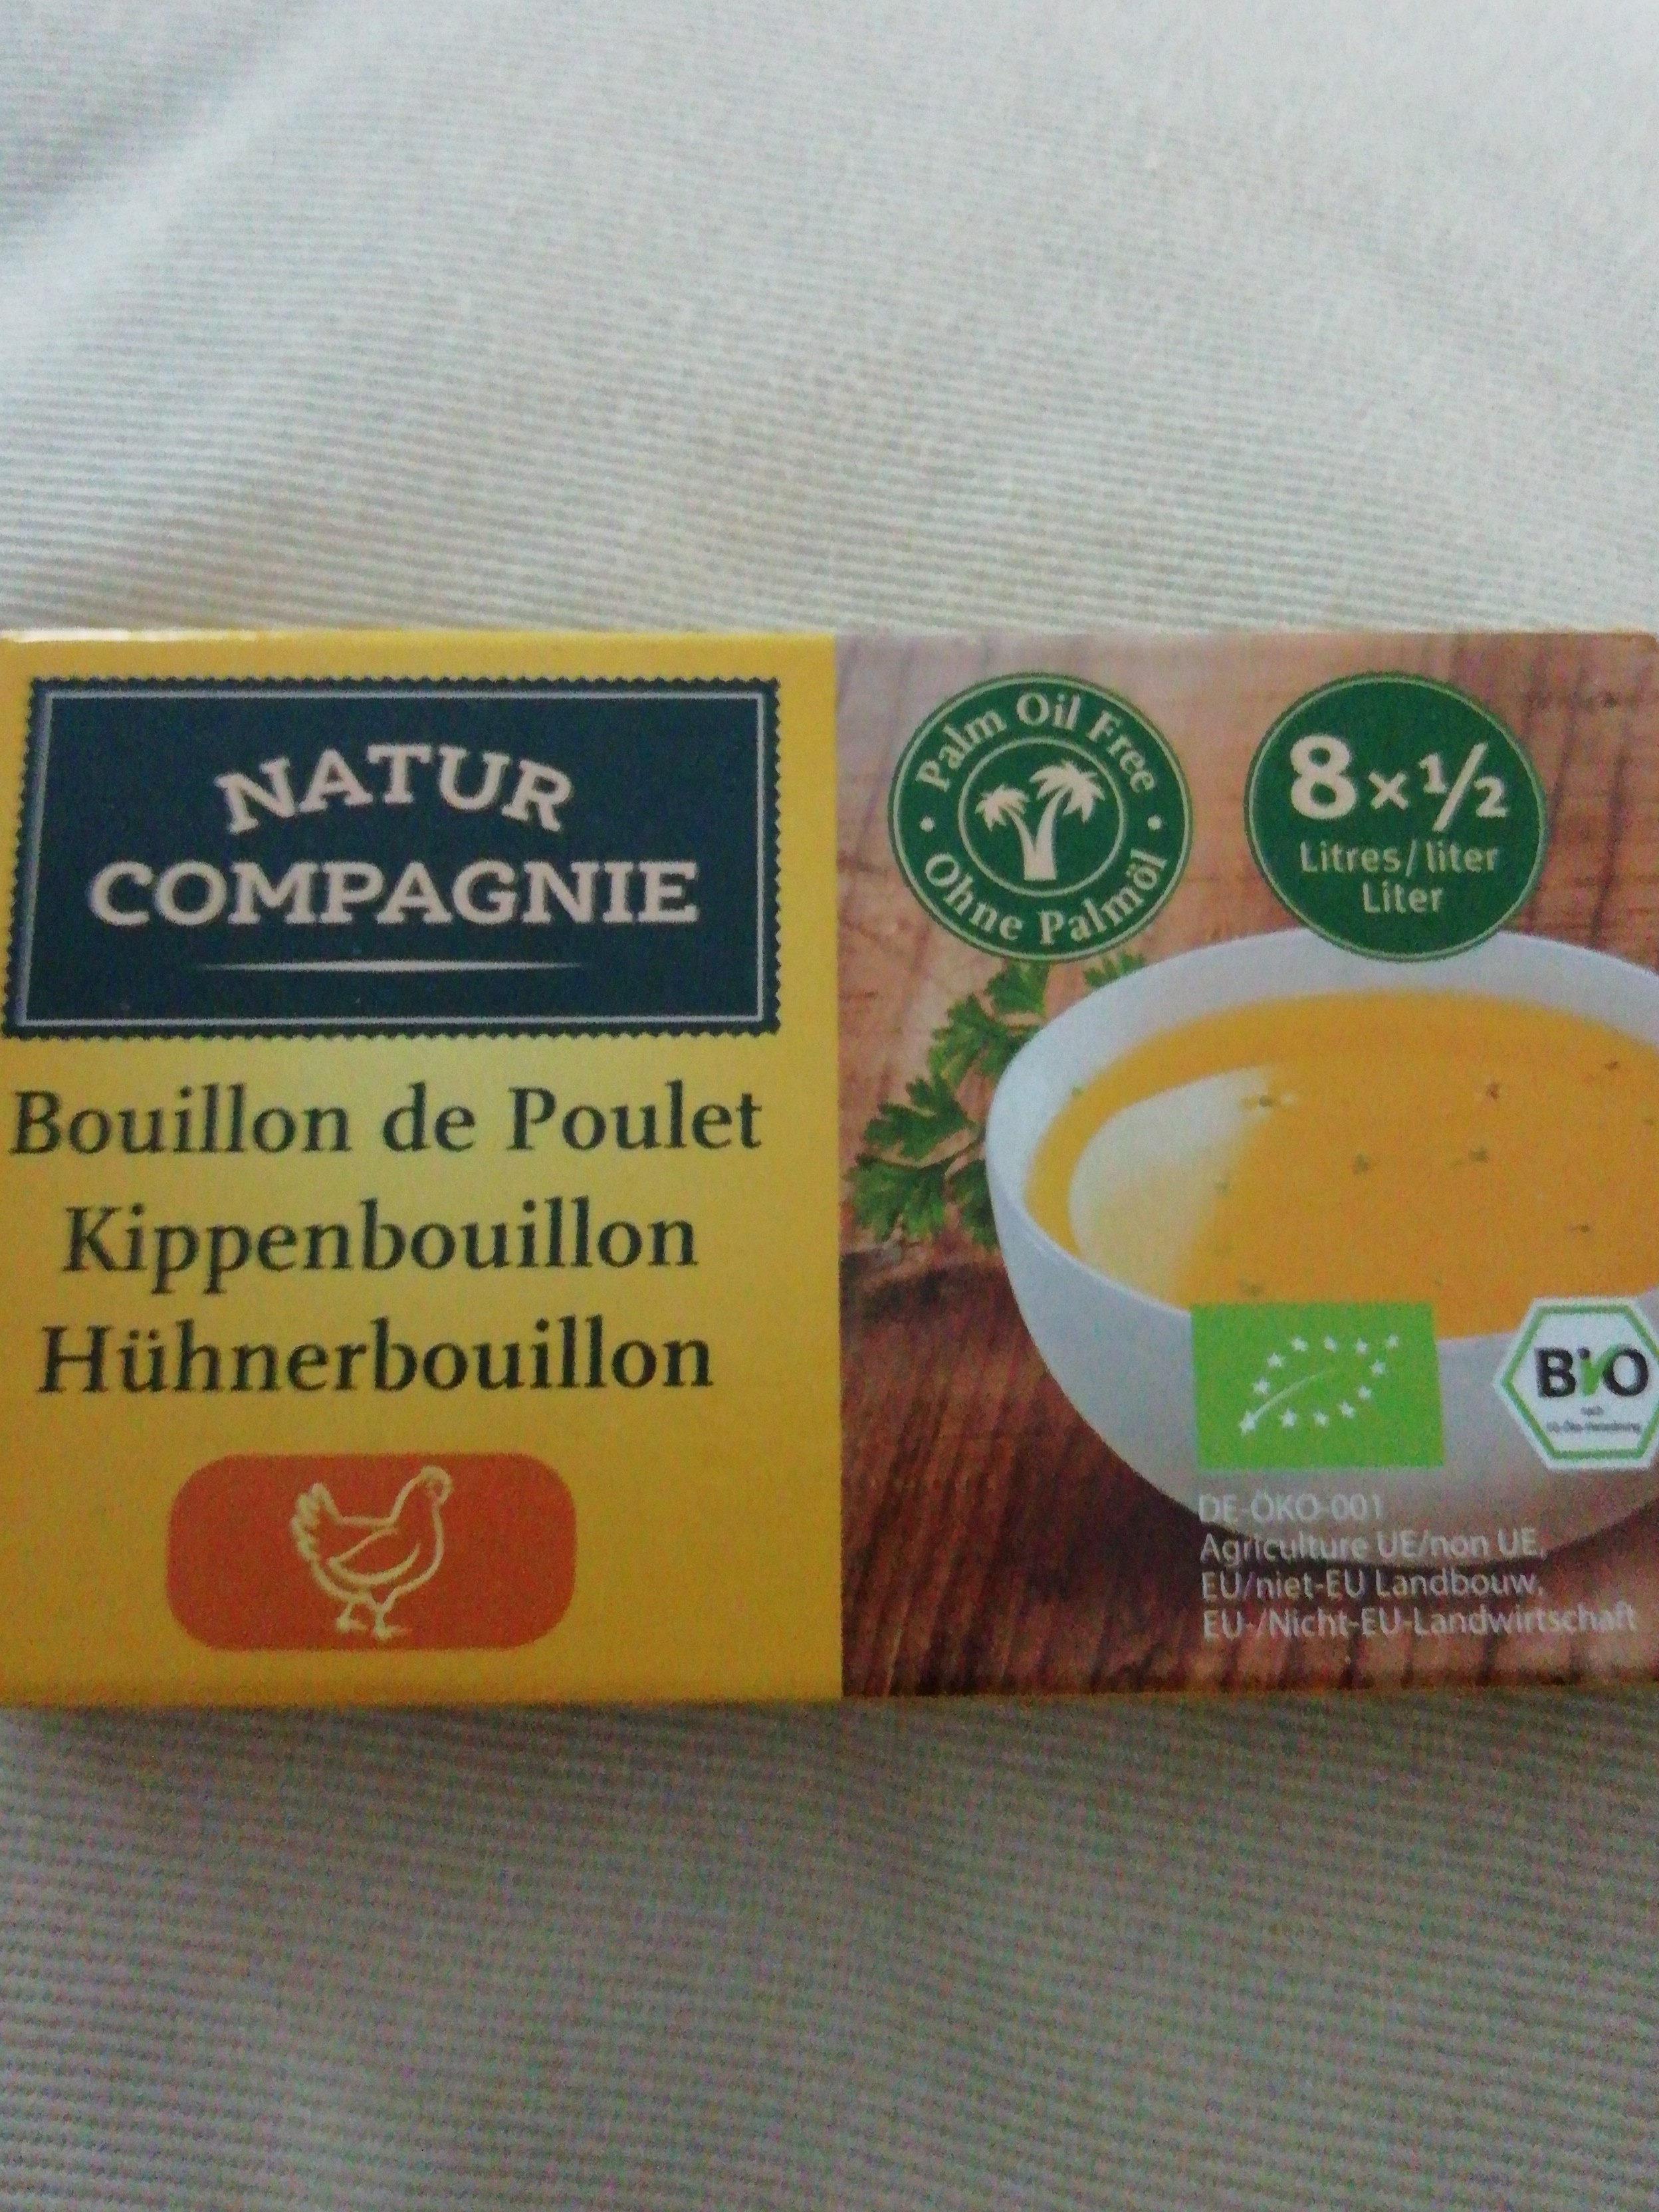 Bouillon de poulet bio - Product - fr